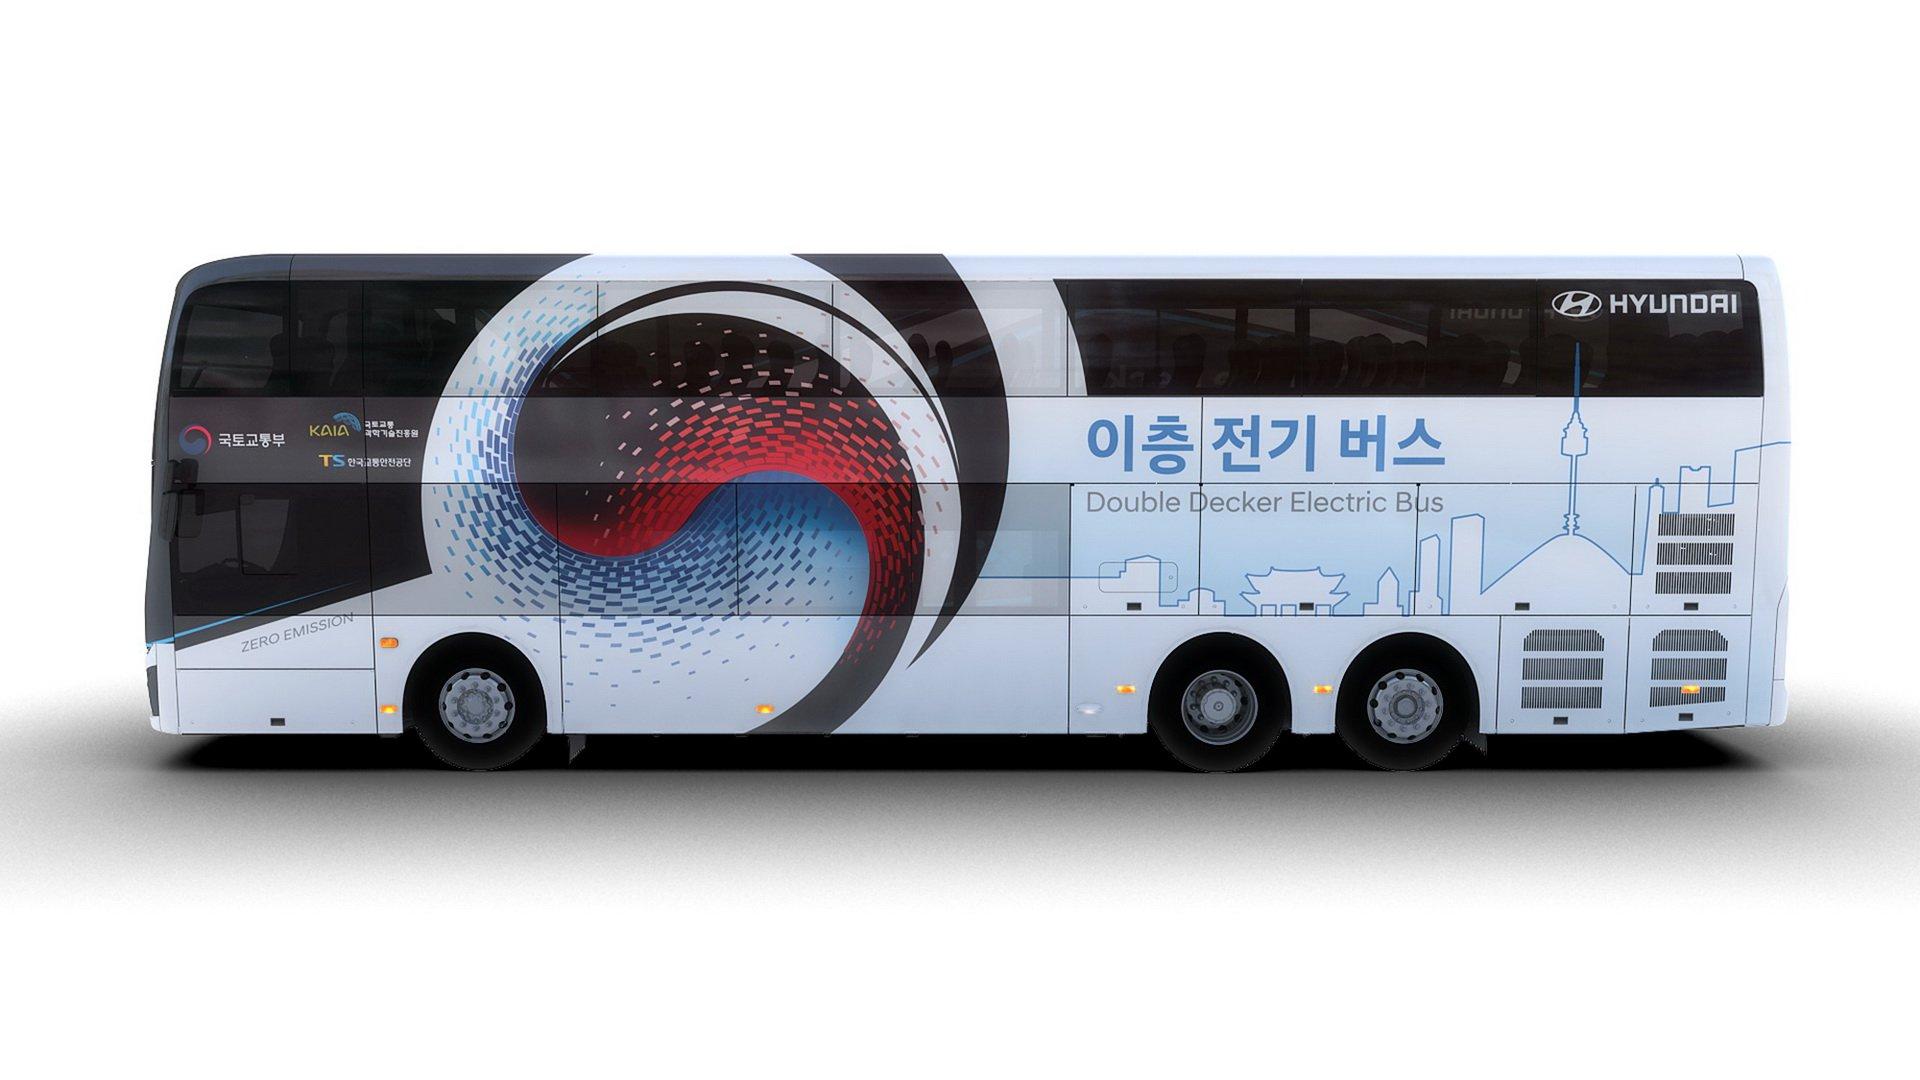 اولین اتوبوس تمام الکتریکی و دو طبقه هیوندای